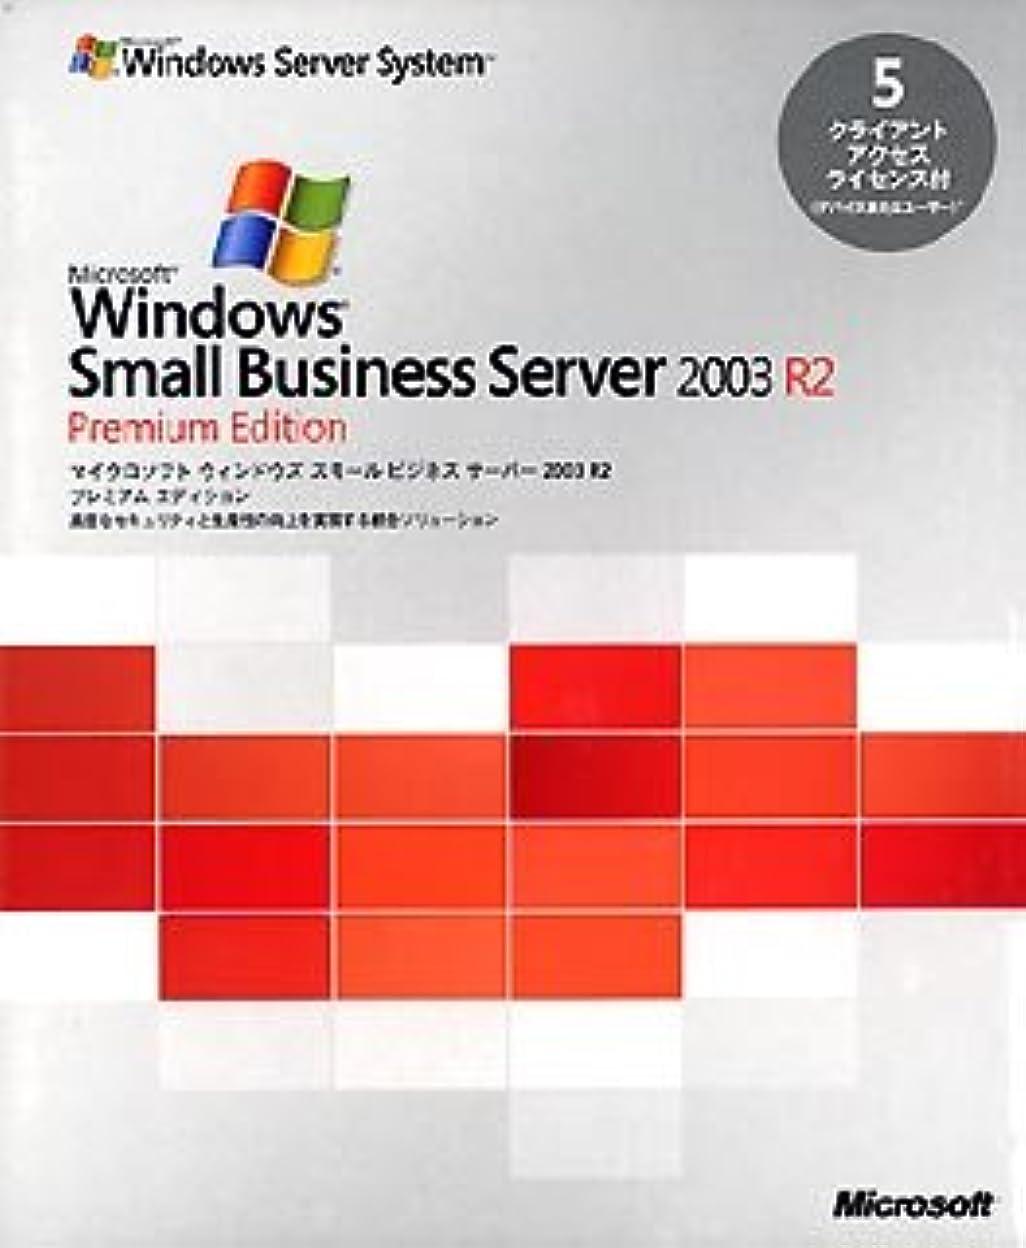 スキム水銀のプレゼントMicrosoft Windows Small Business Server 2003 R2 Premium Edition 5クライアントライセンス付